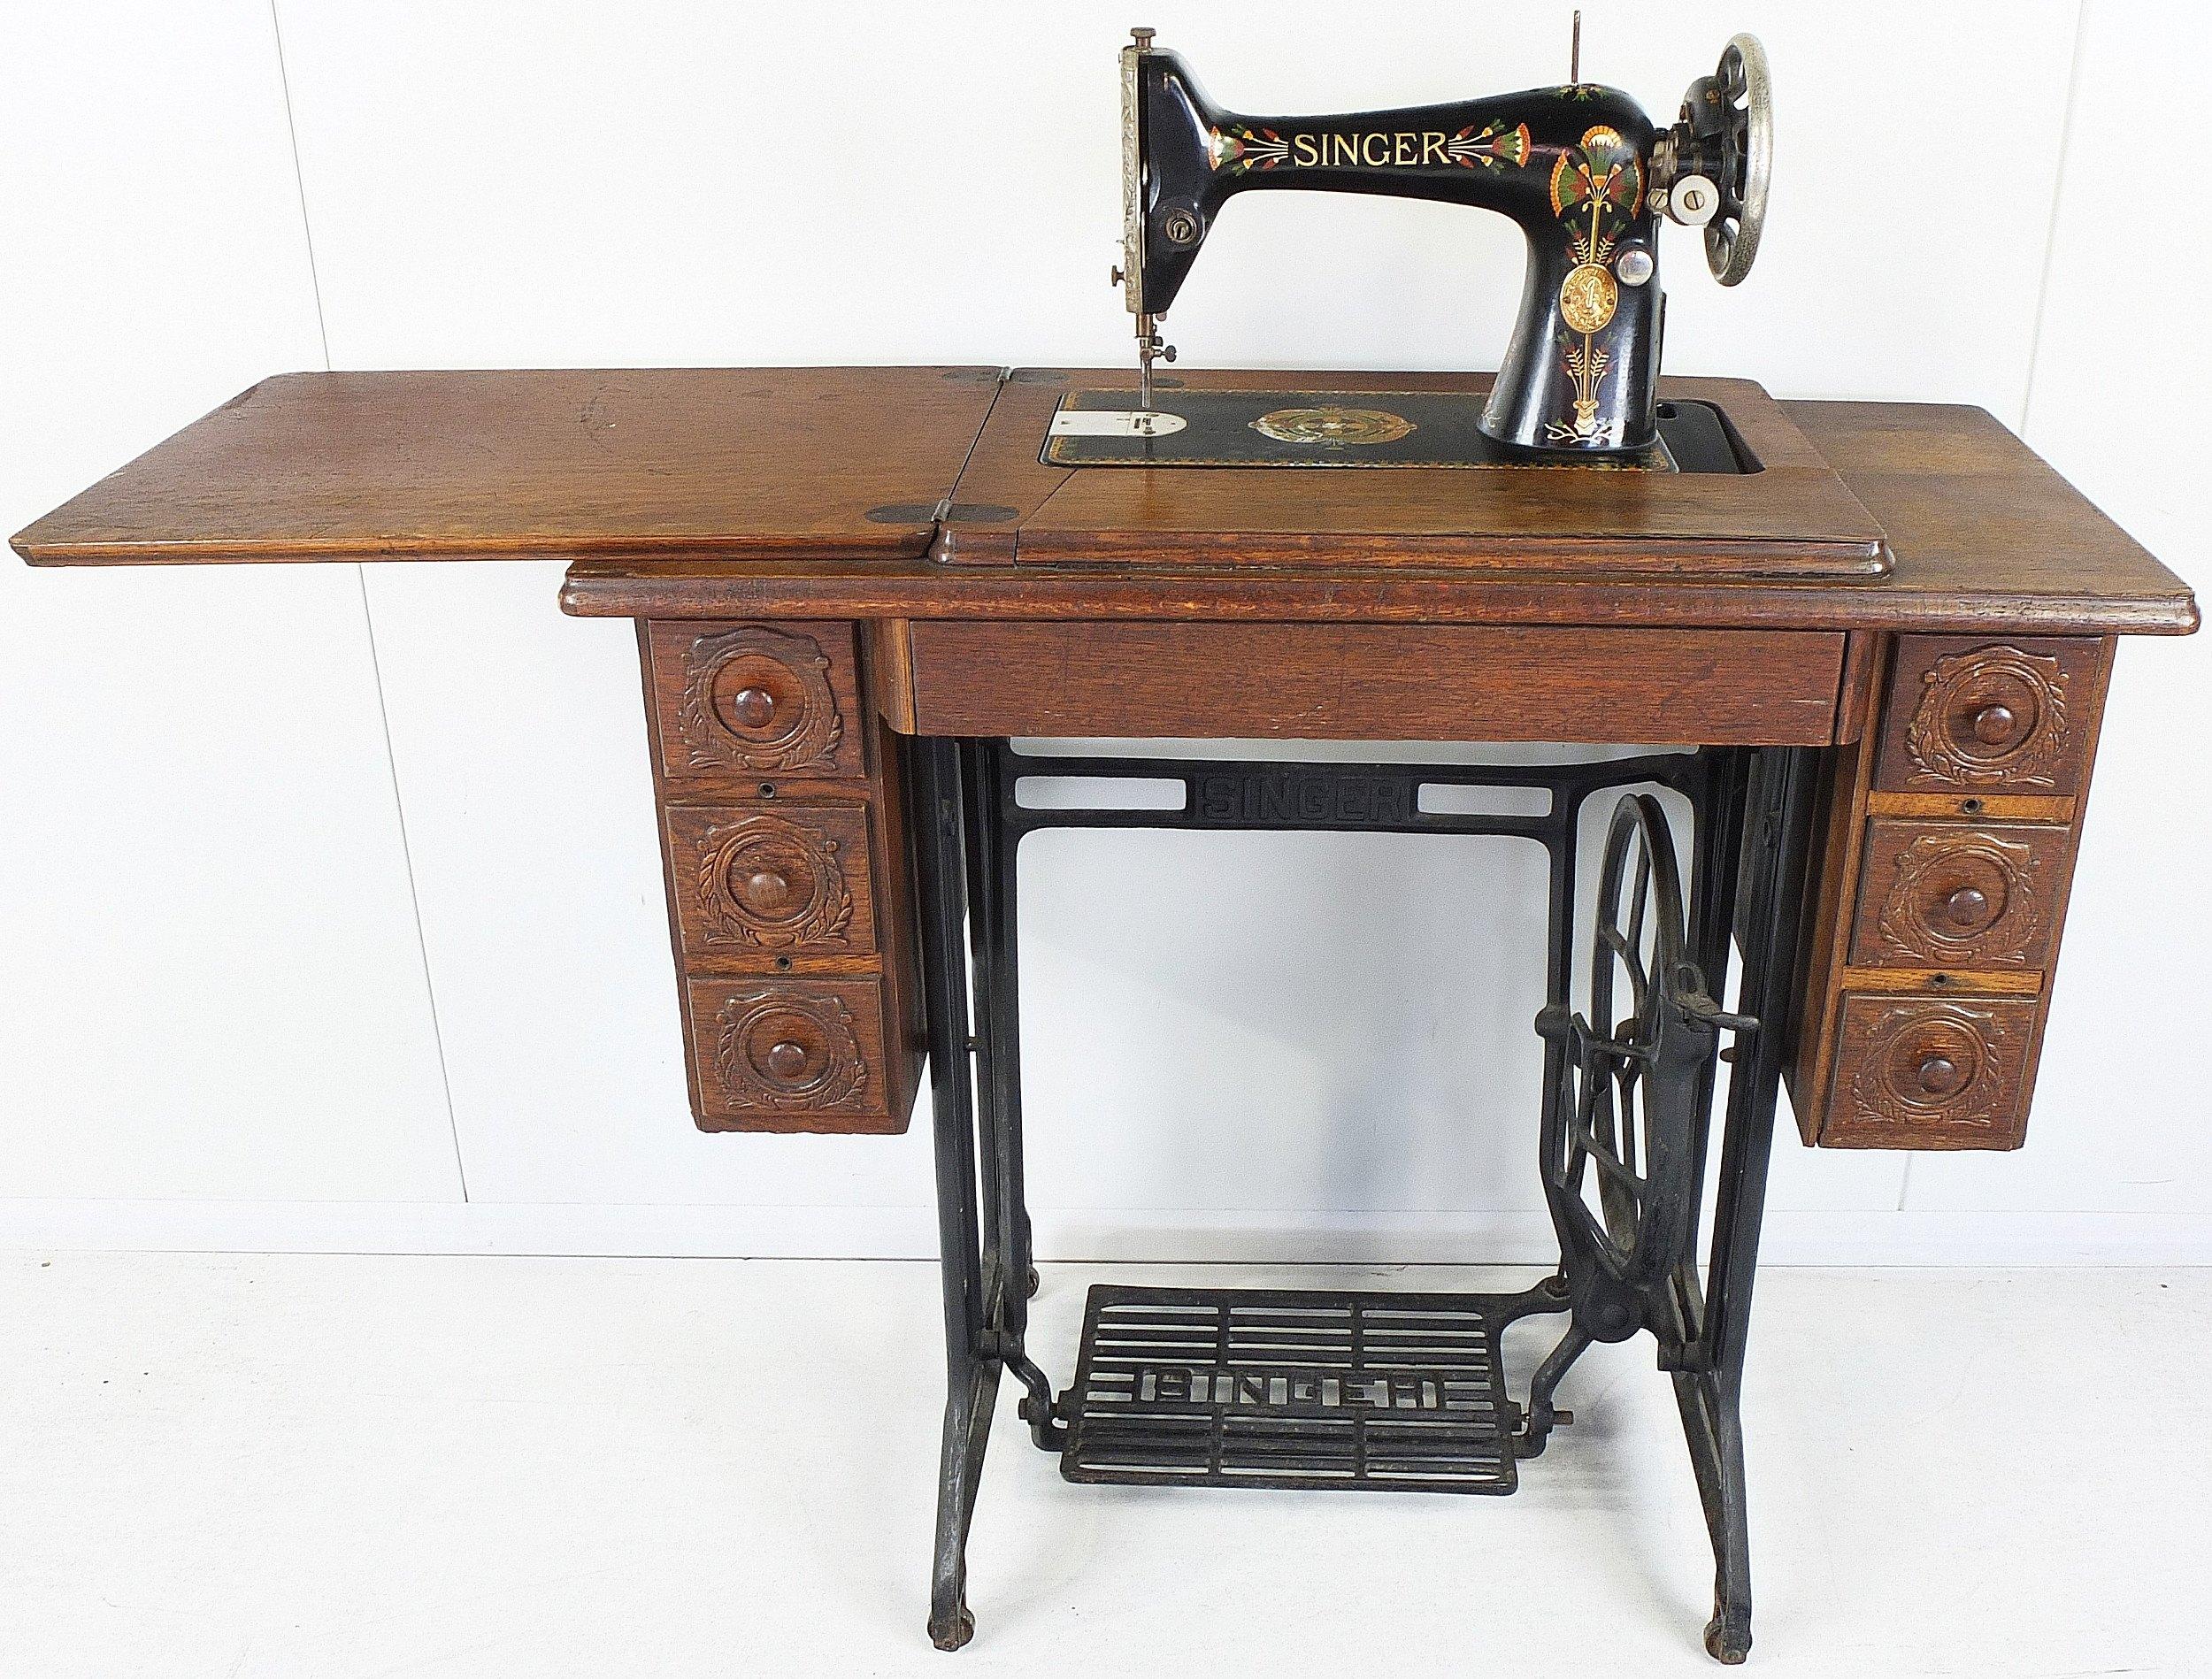 Singer sewing machines older models